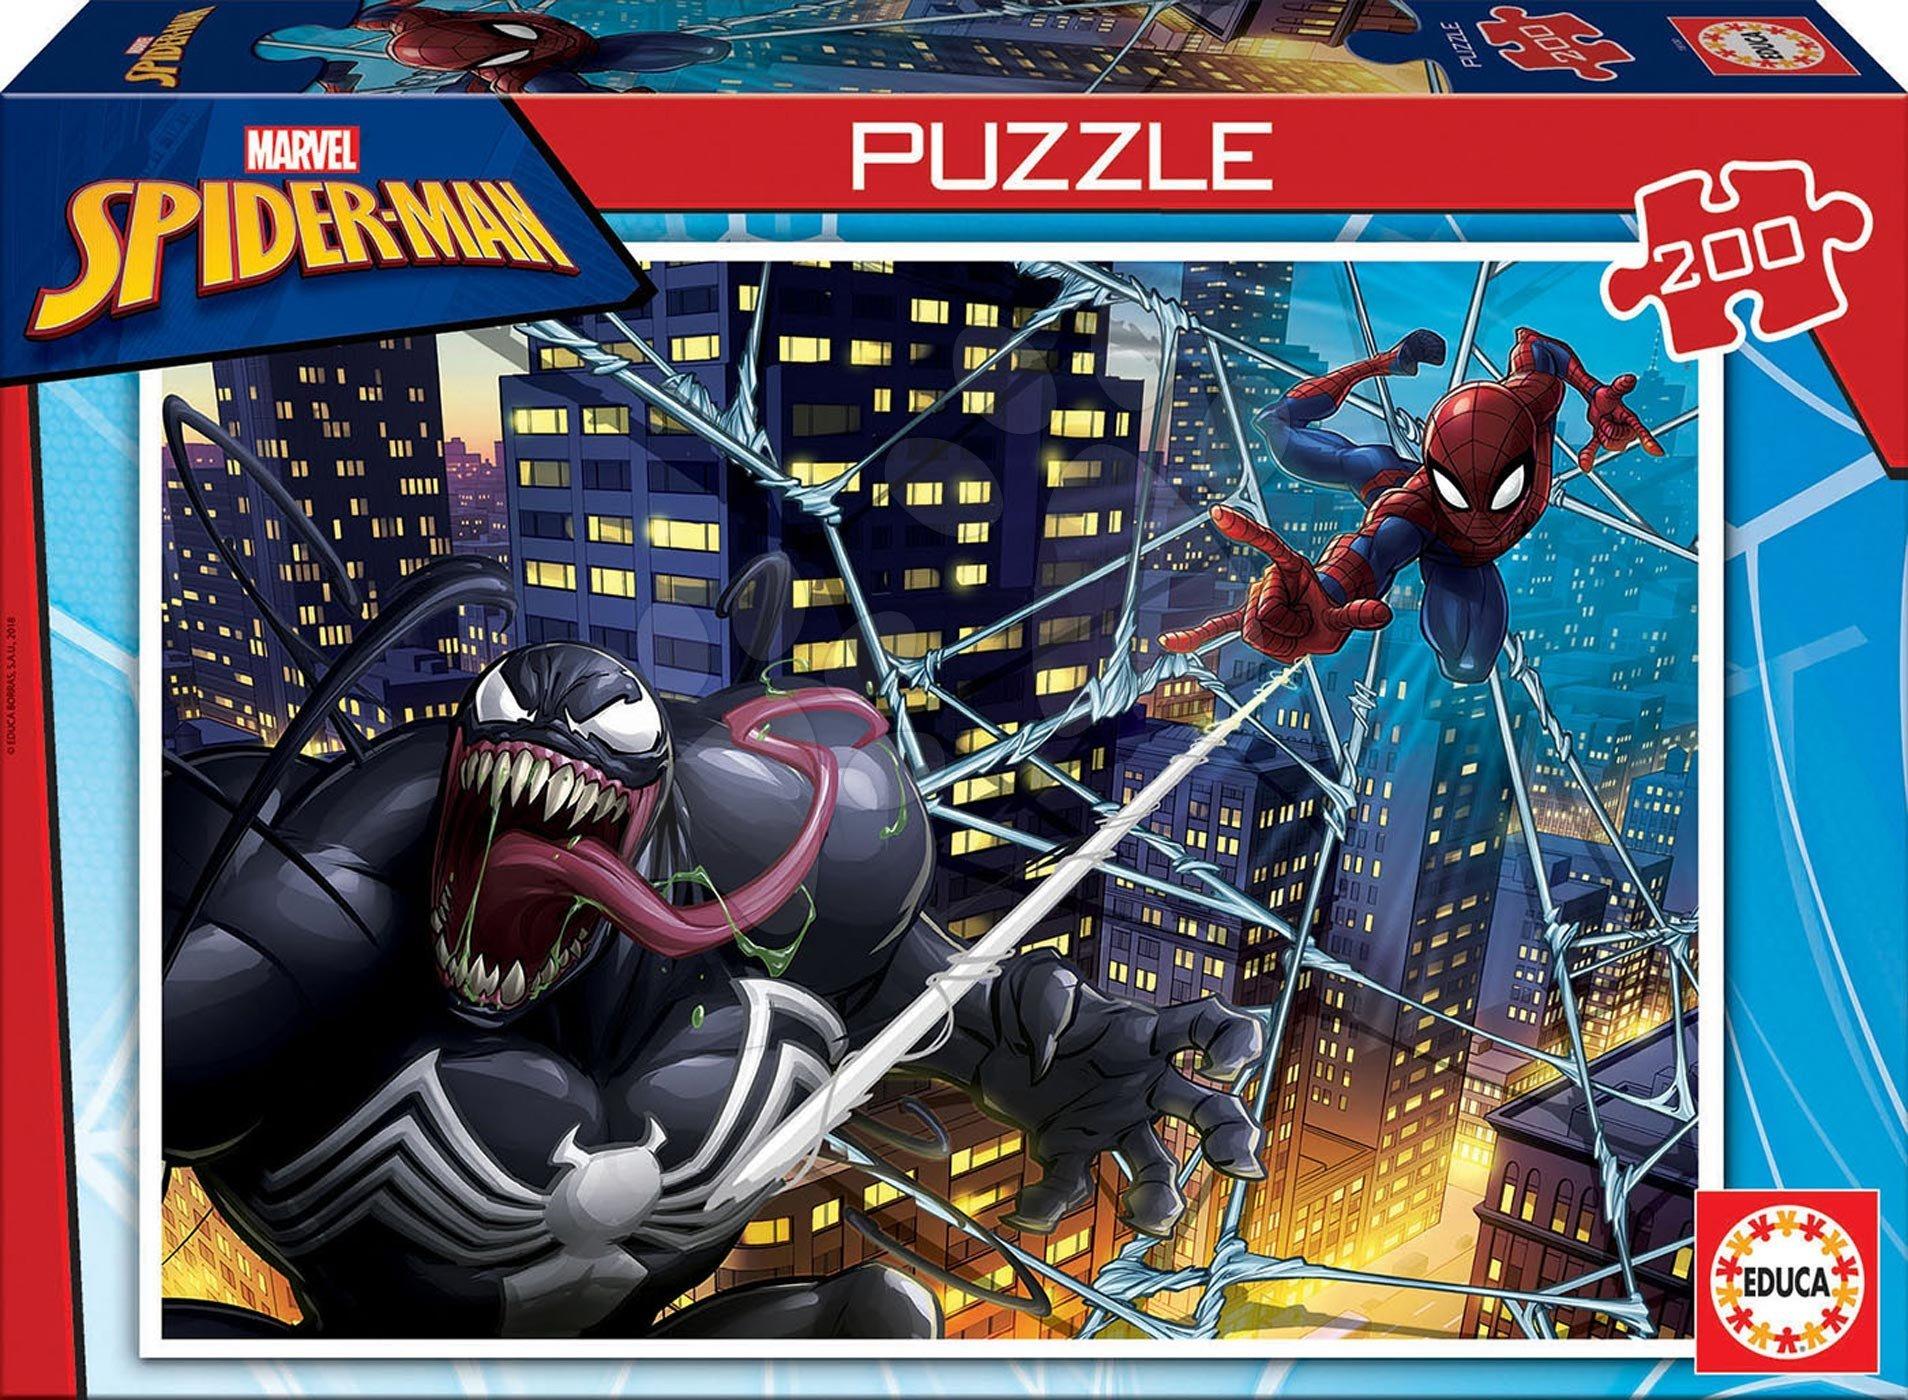 Puzzle pro děti Spiderman Educa 200 dílků od 6 let